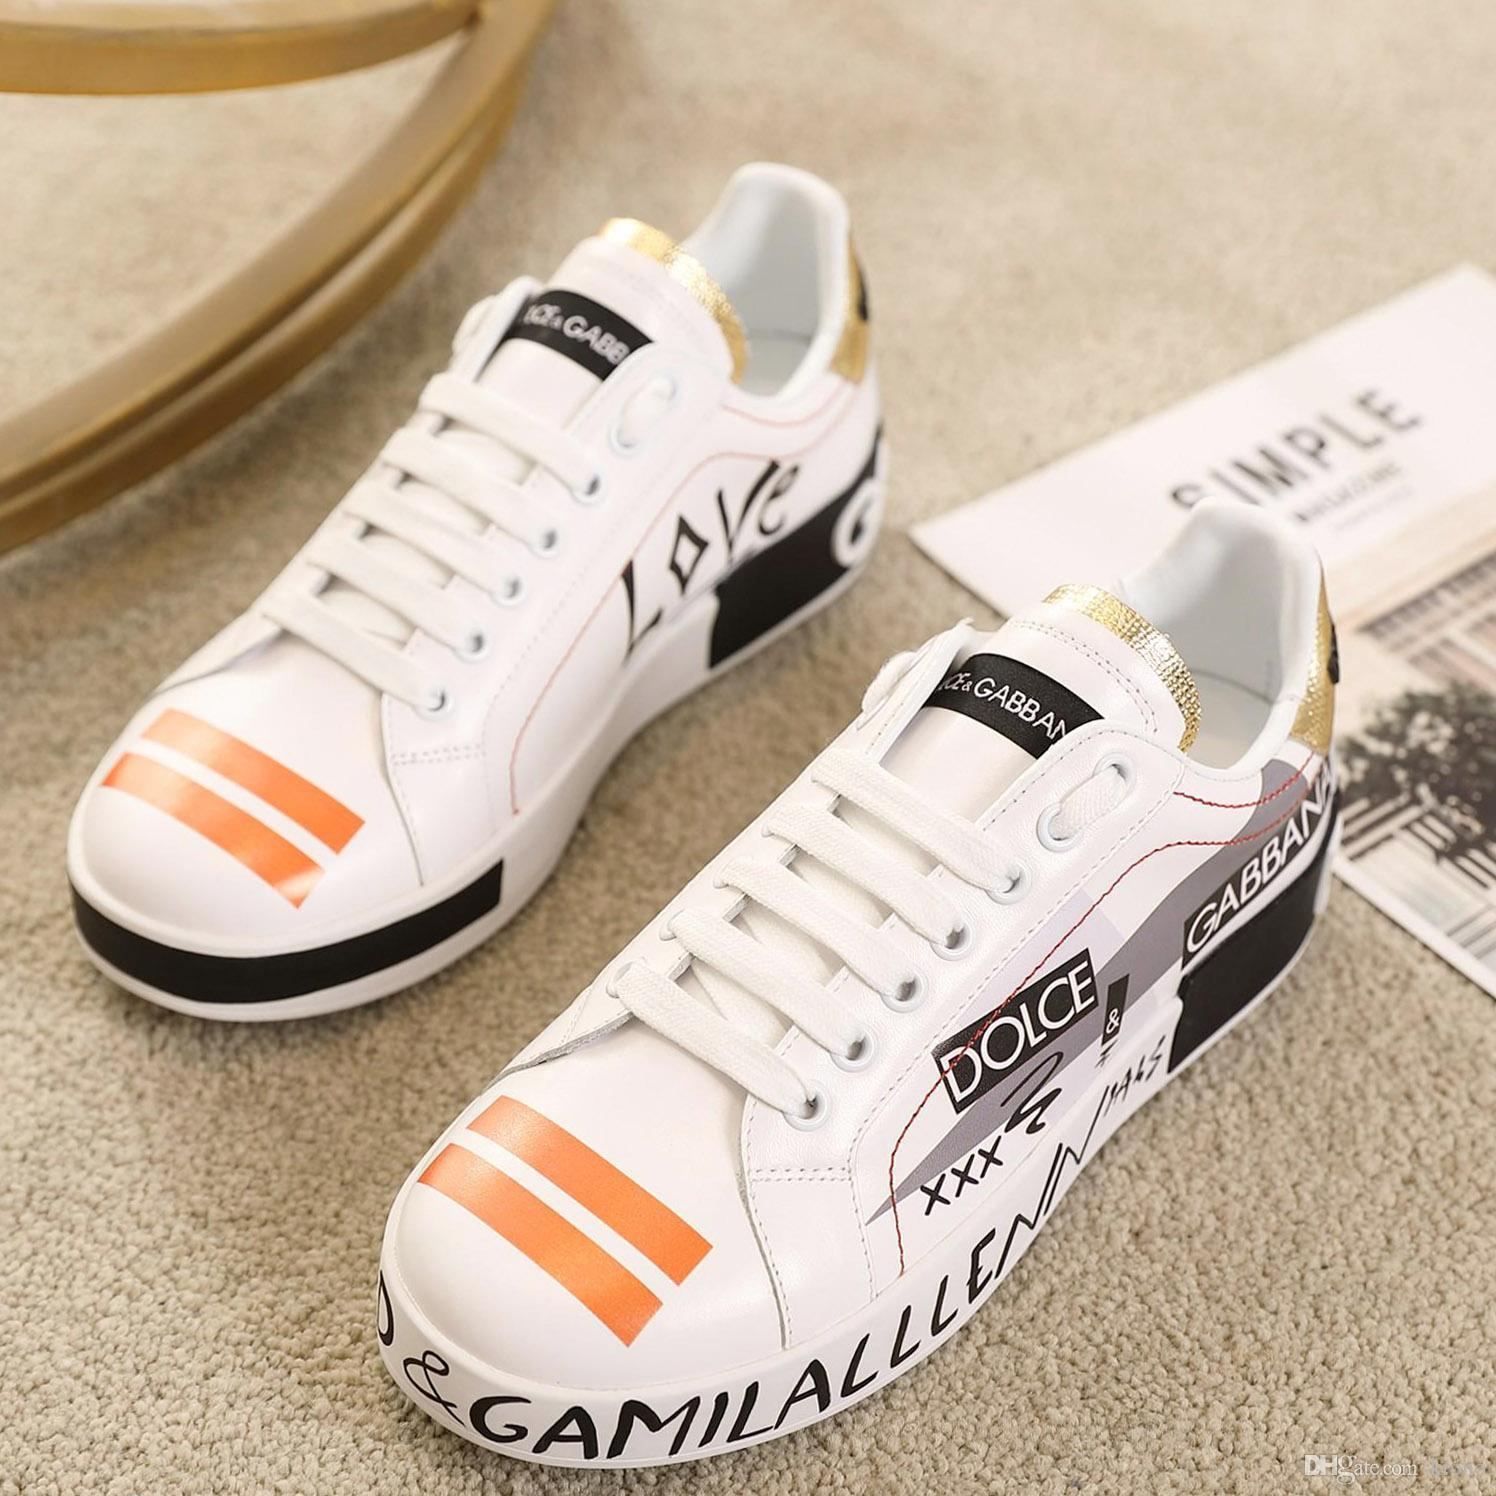 begrenzte Top Qualität Mens Leder Freizeitschuhe, Plattformen Muster Paar Schuhe Mode Persönlichkeit wilde Sportschuh Größe Druck: 35-45 0036